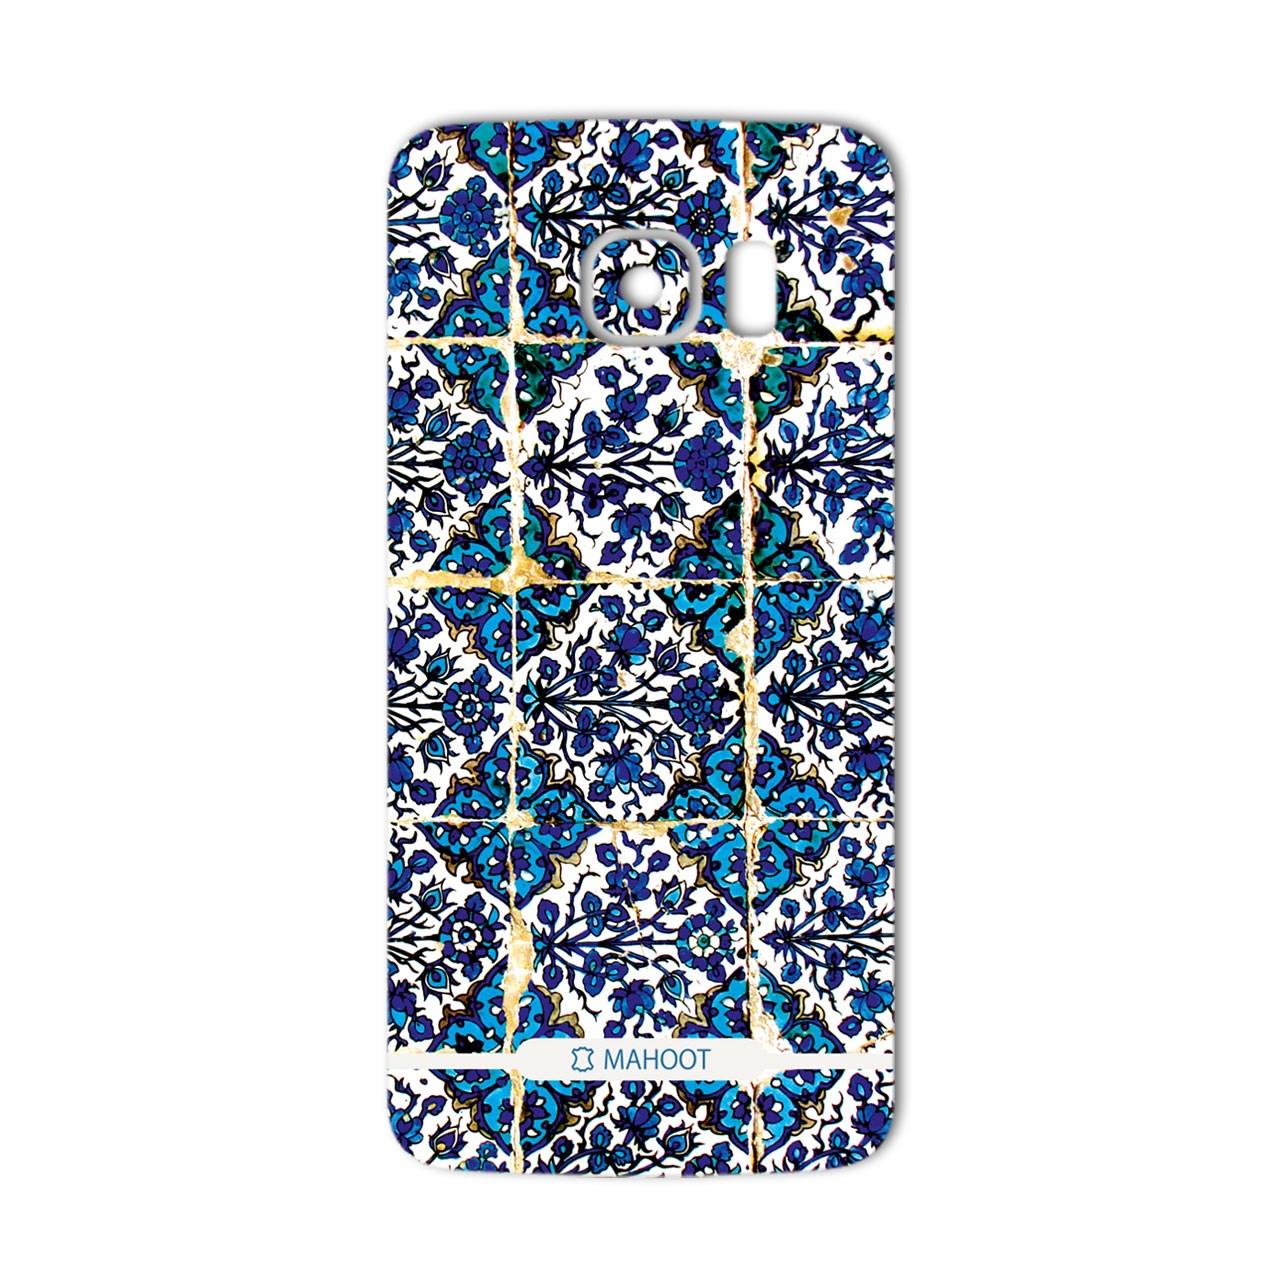 برچسب تزئینی ماهوت مدل Traditional-tile Design مناسب برای گوشی  Samsung S6 Edge